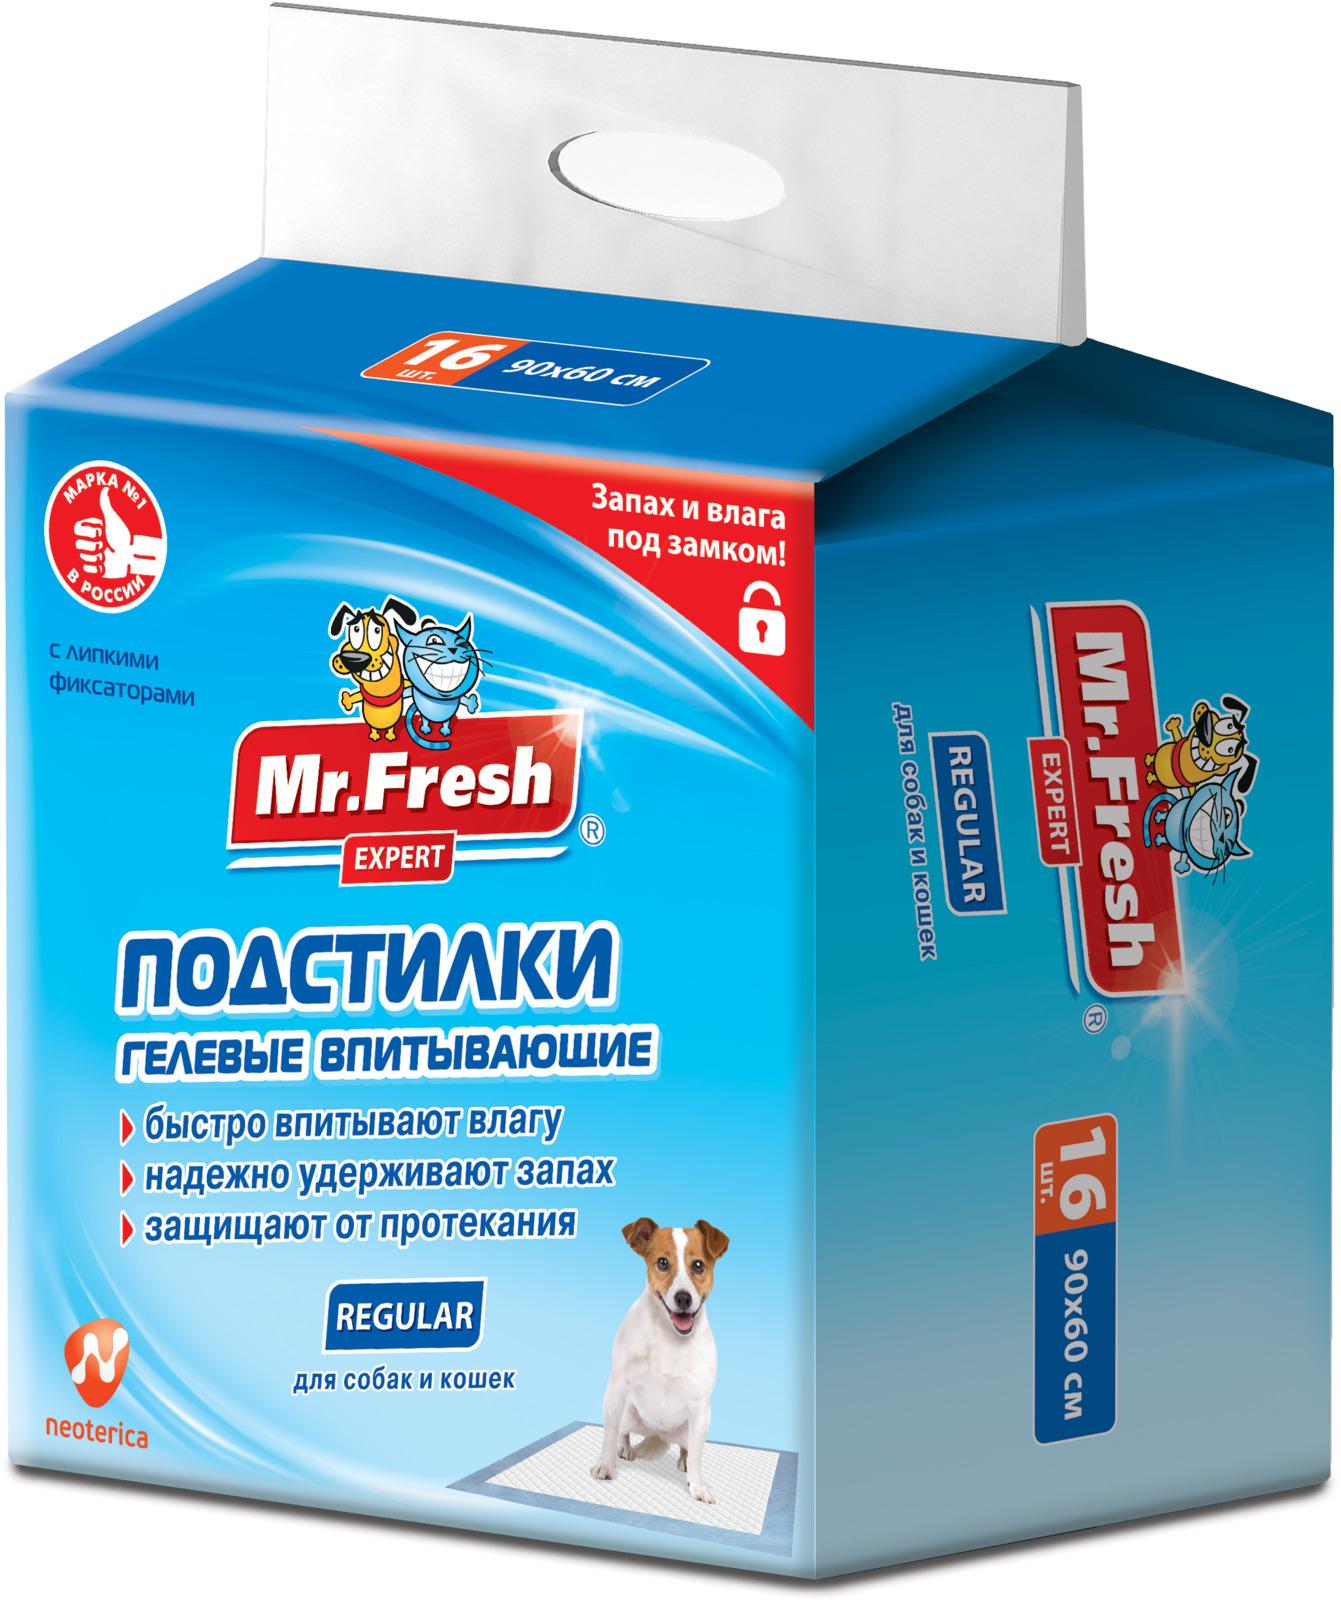 Пеленка-подстилка для животных Mr.Fresh Expert Regular, впитывающая, гелевый наполнитель, 90 х 60 см, 16 шт